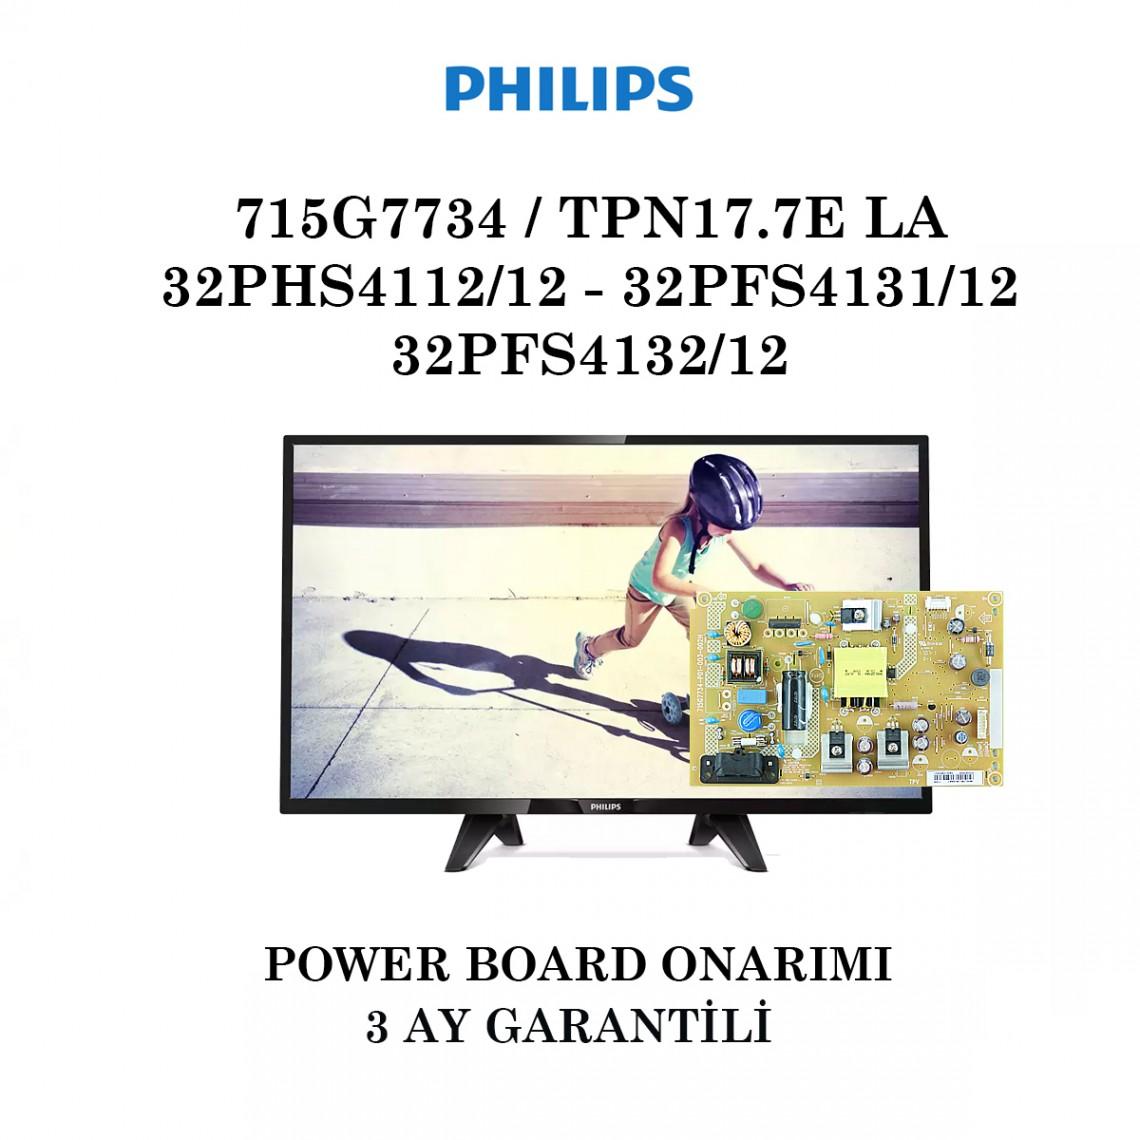 PHILIPS, 715G7734-P01-005-002H, 715G7734-P01-001-002M, 715G7734-P02-005-002H, 32PHS4112/12, 32PFS4131/12,  32PFS4132/12, Power Board Onarımı